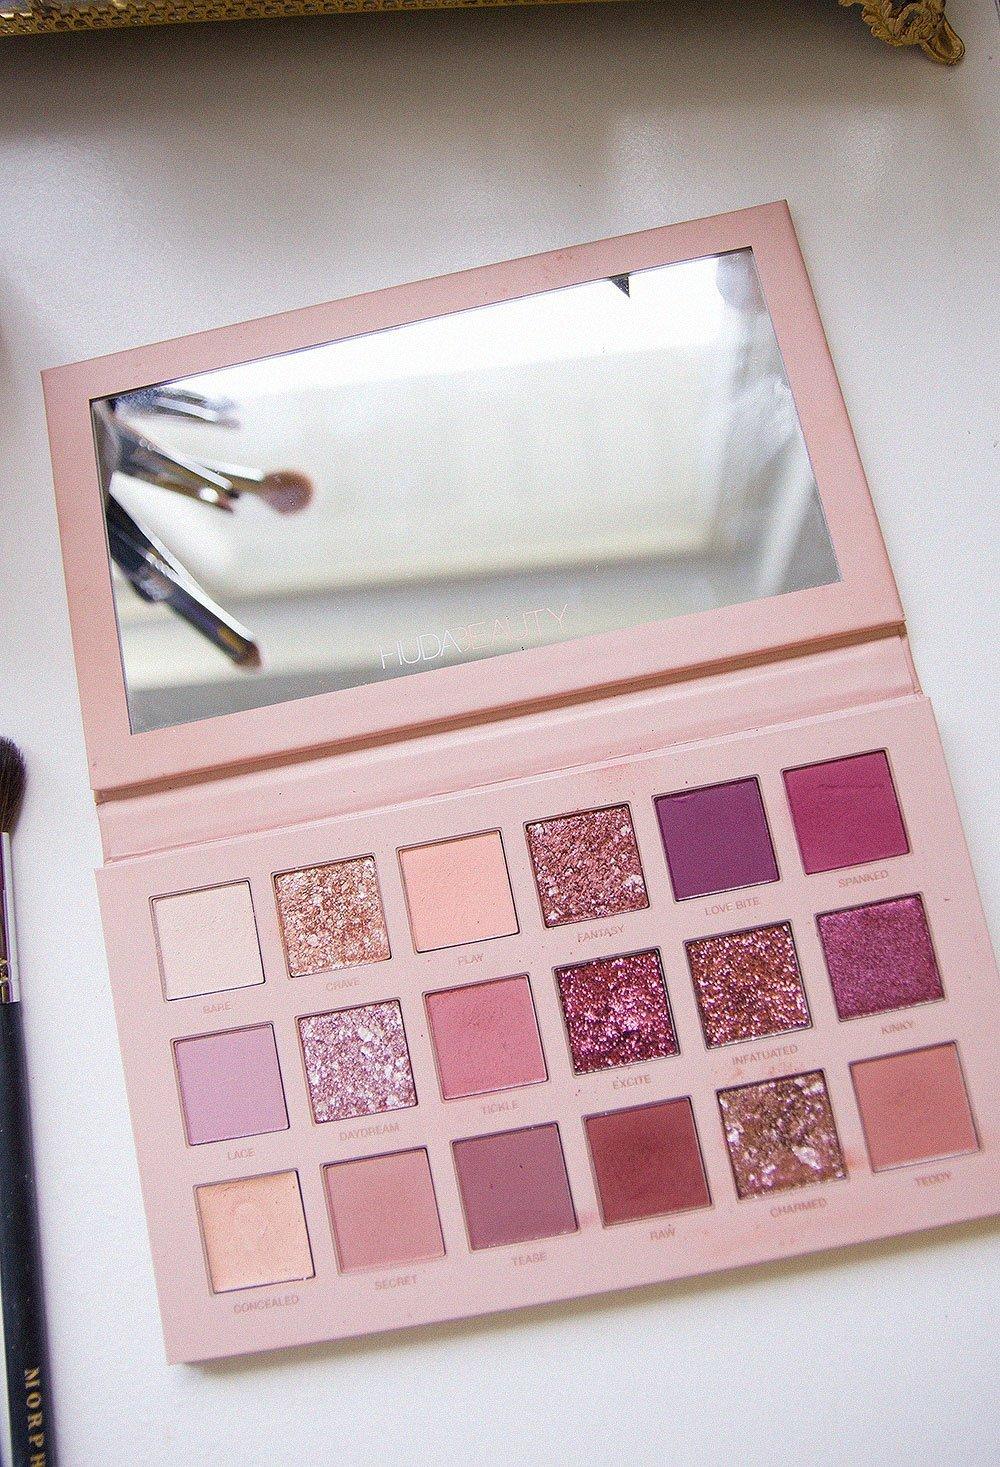 Afsheen » Huda Beauty The New Nude Eyeshadow Palette